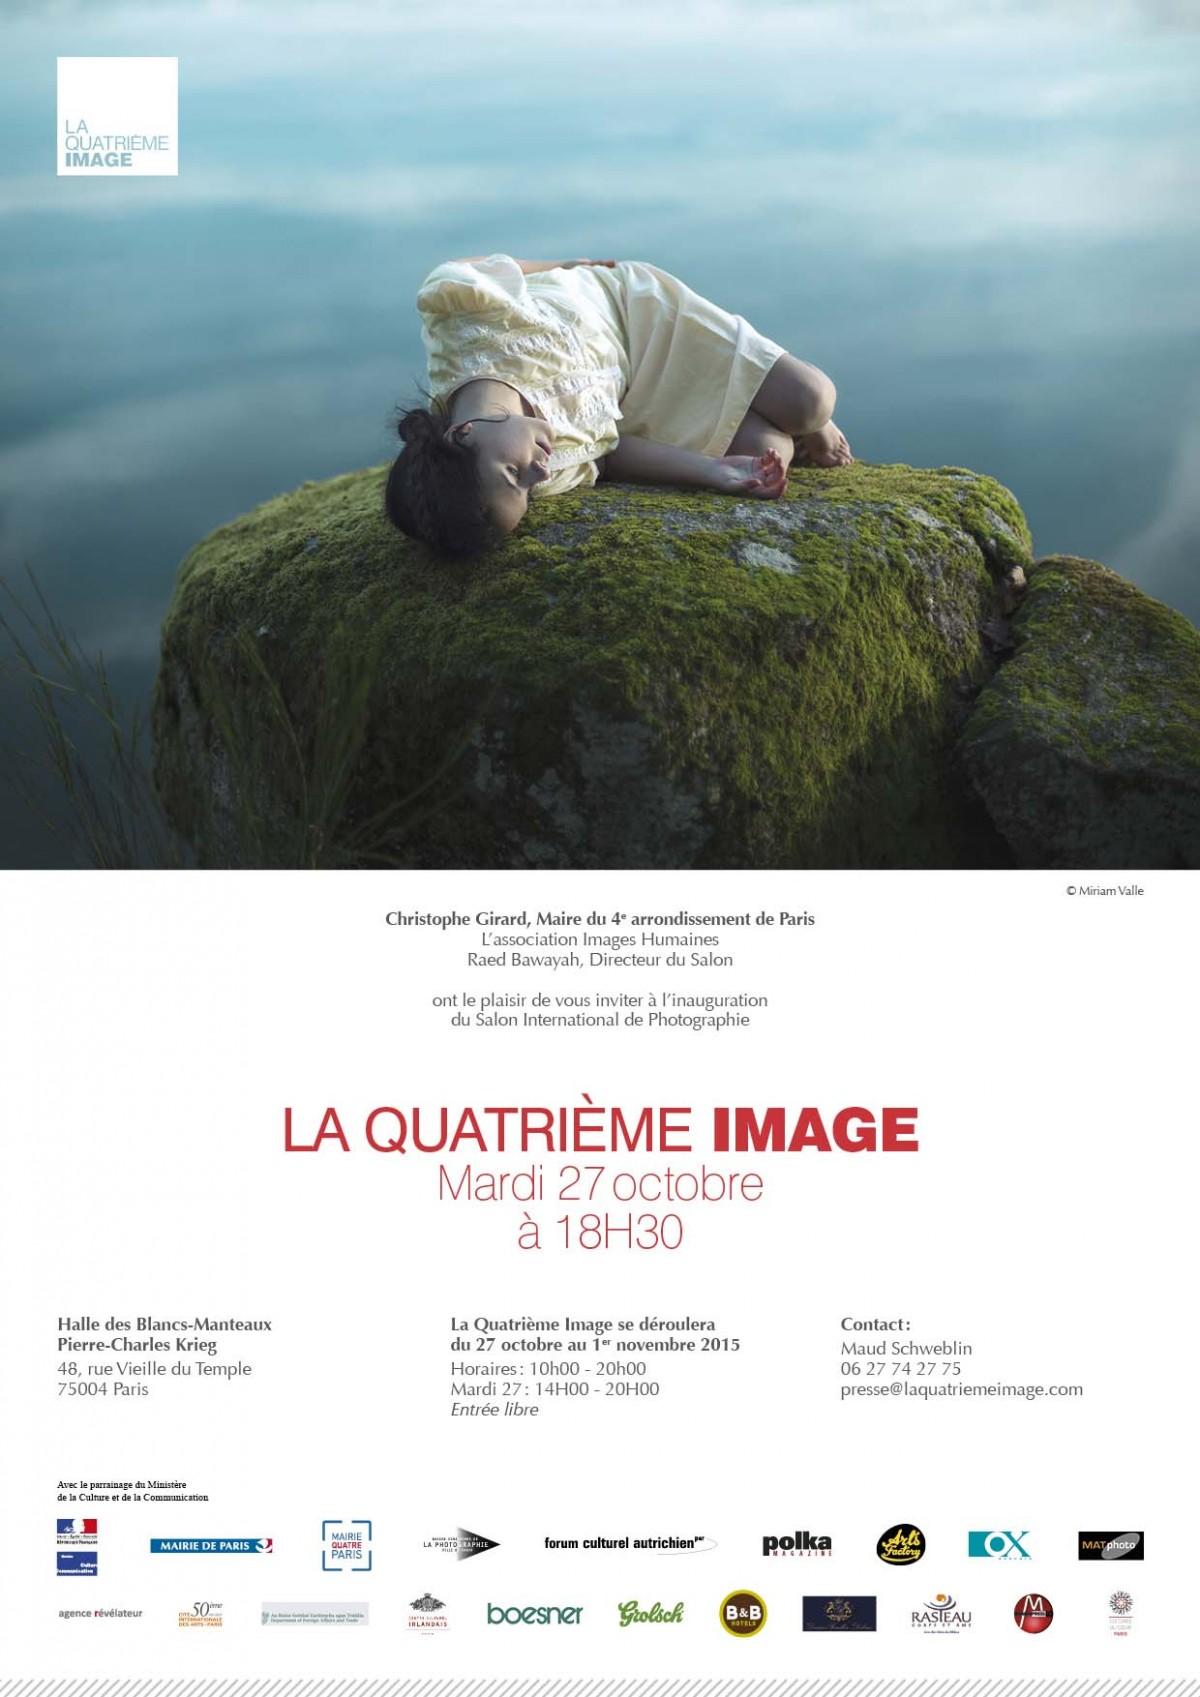 LA_QUATRIEME_IMAGE_invitation_2015